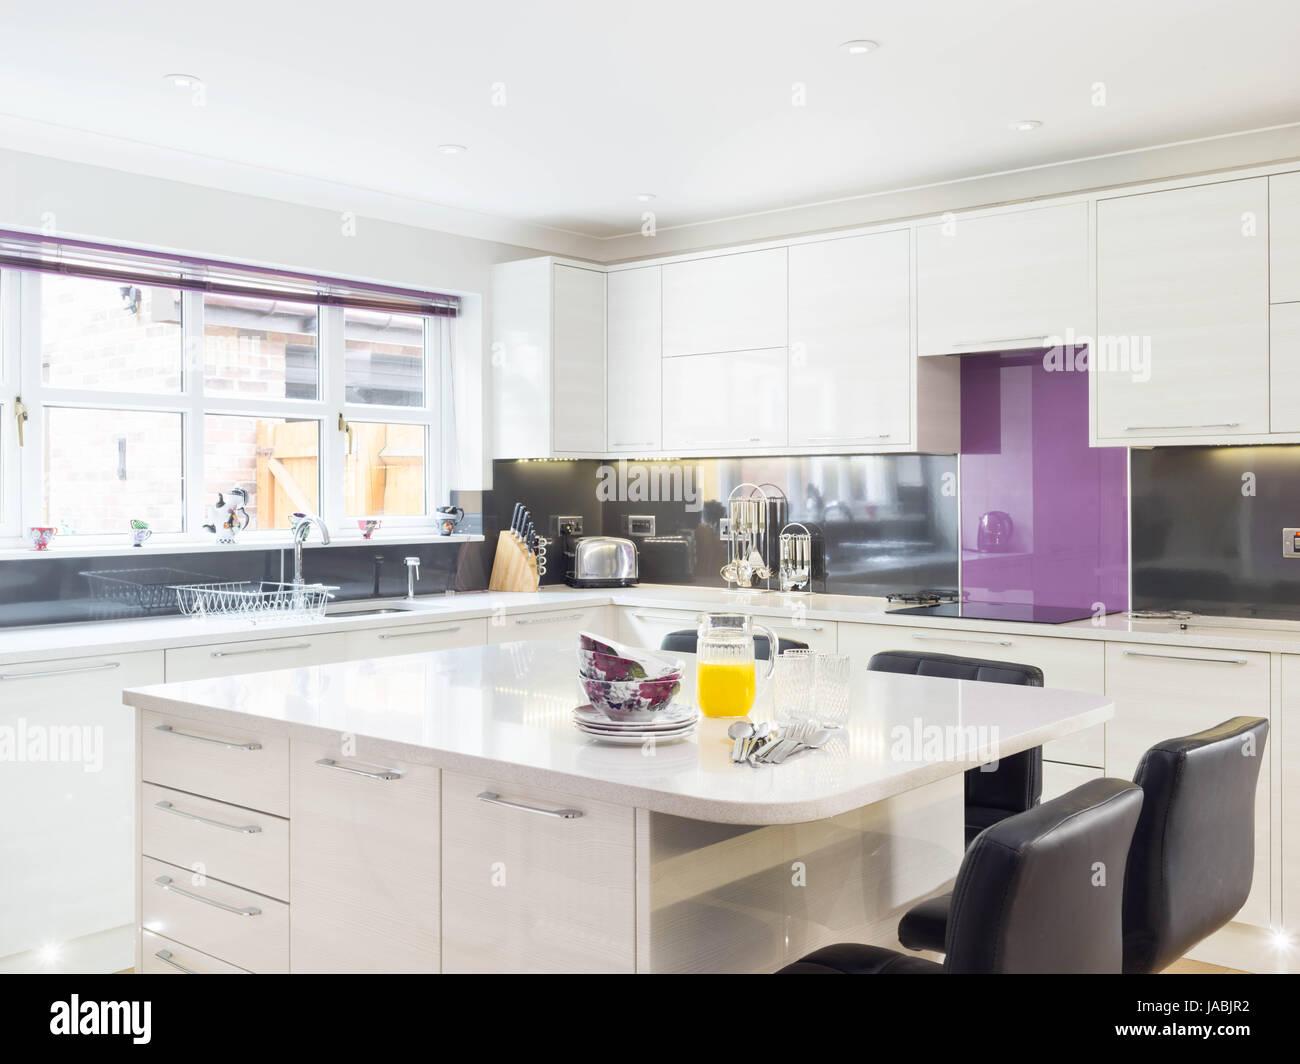 A Kitchen Island Breakfast Bar In A Modern Designer Kitchen Stock Photo Alamy